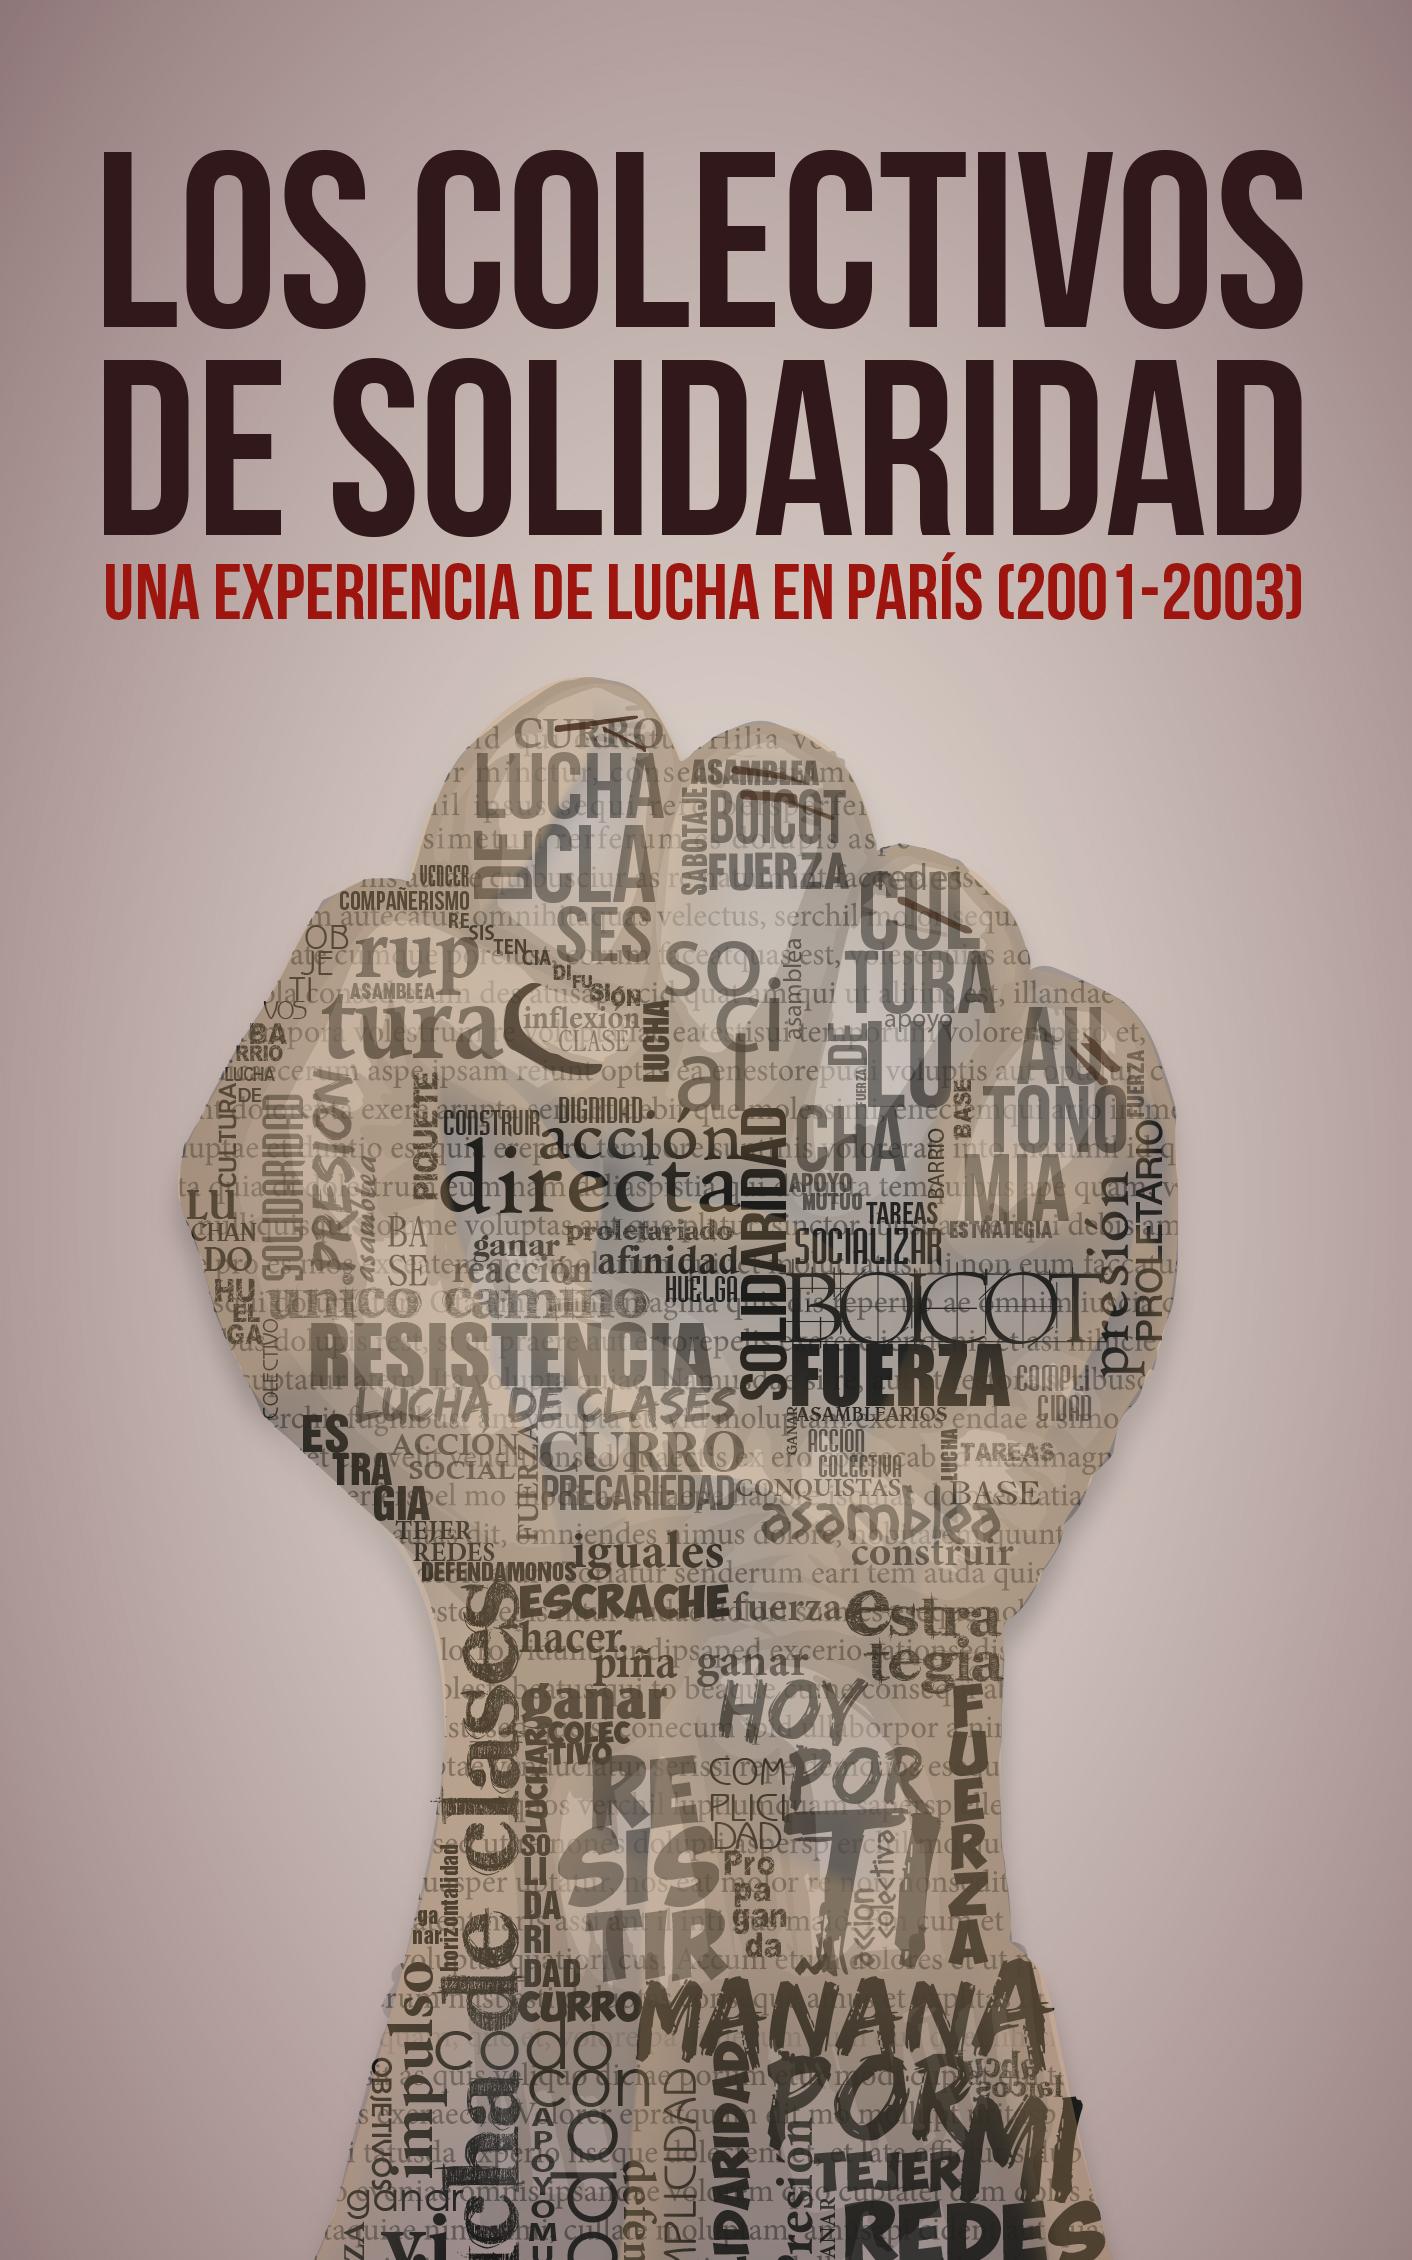 Los Colectivos de Solidaridad